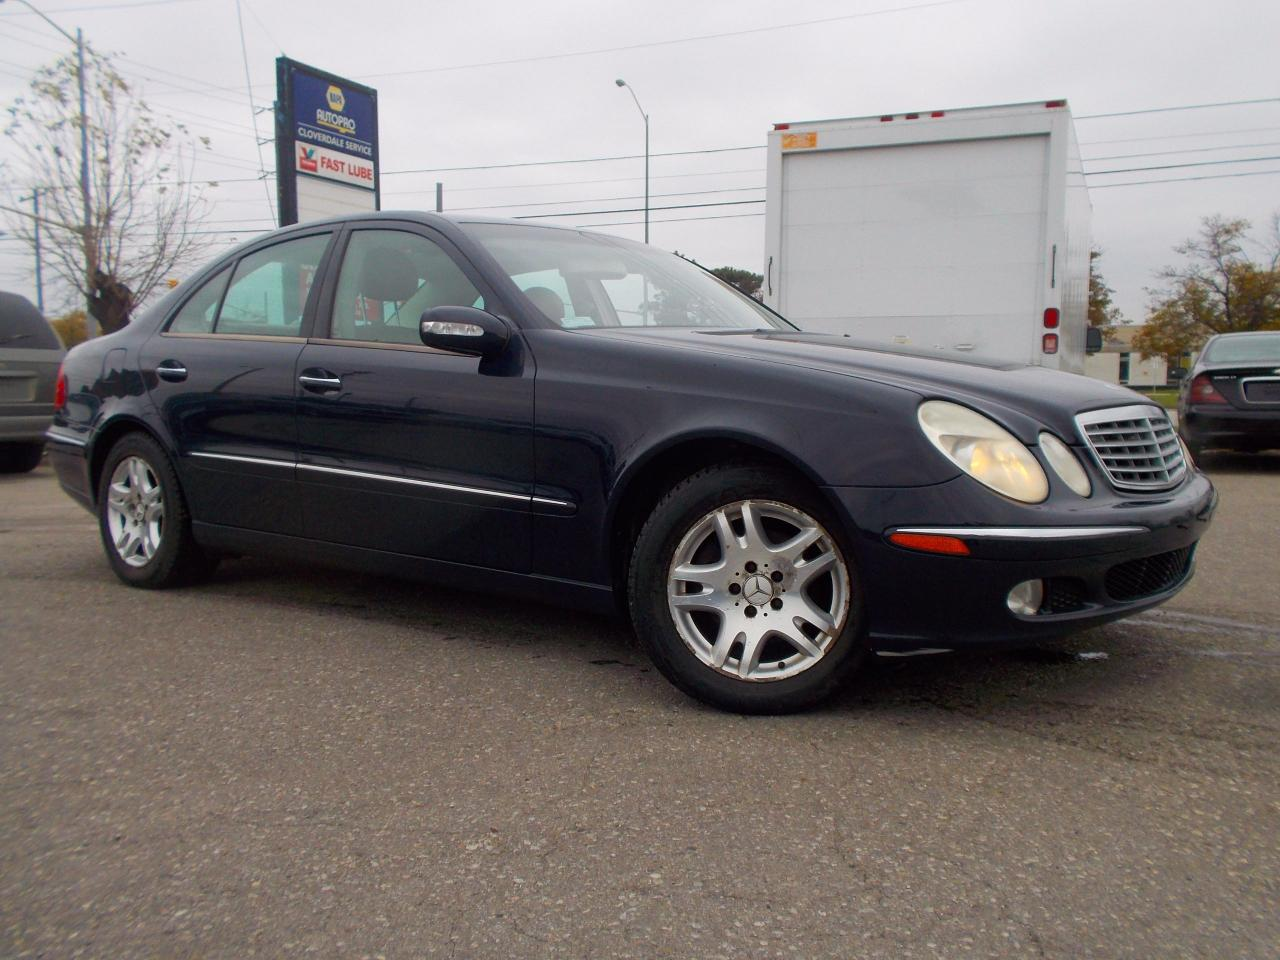 All Types 2003 benz e320 : 2003 Mercedes-Benz E320 | Cloverdale Auto Sales & Service